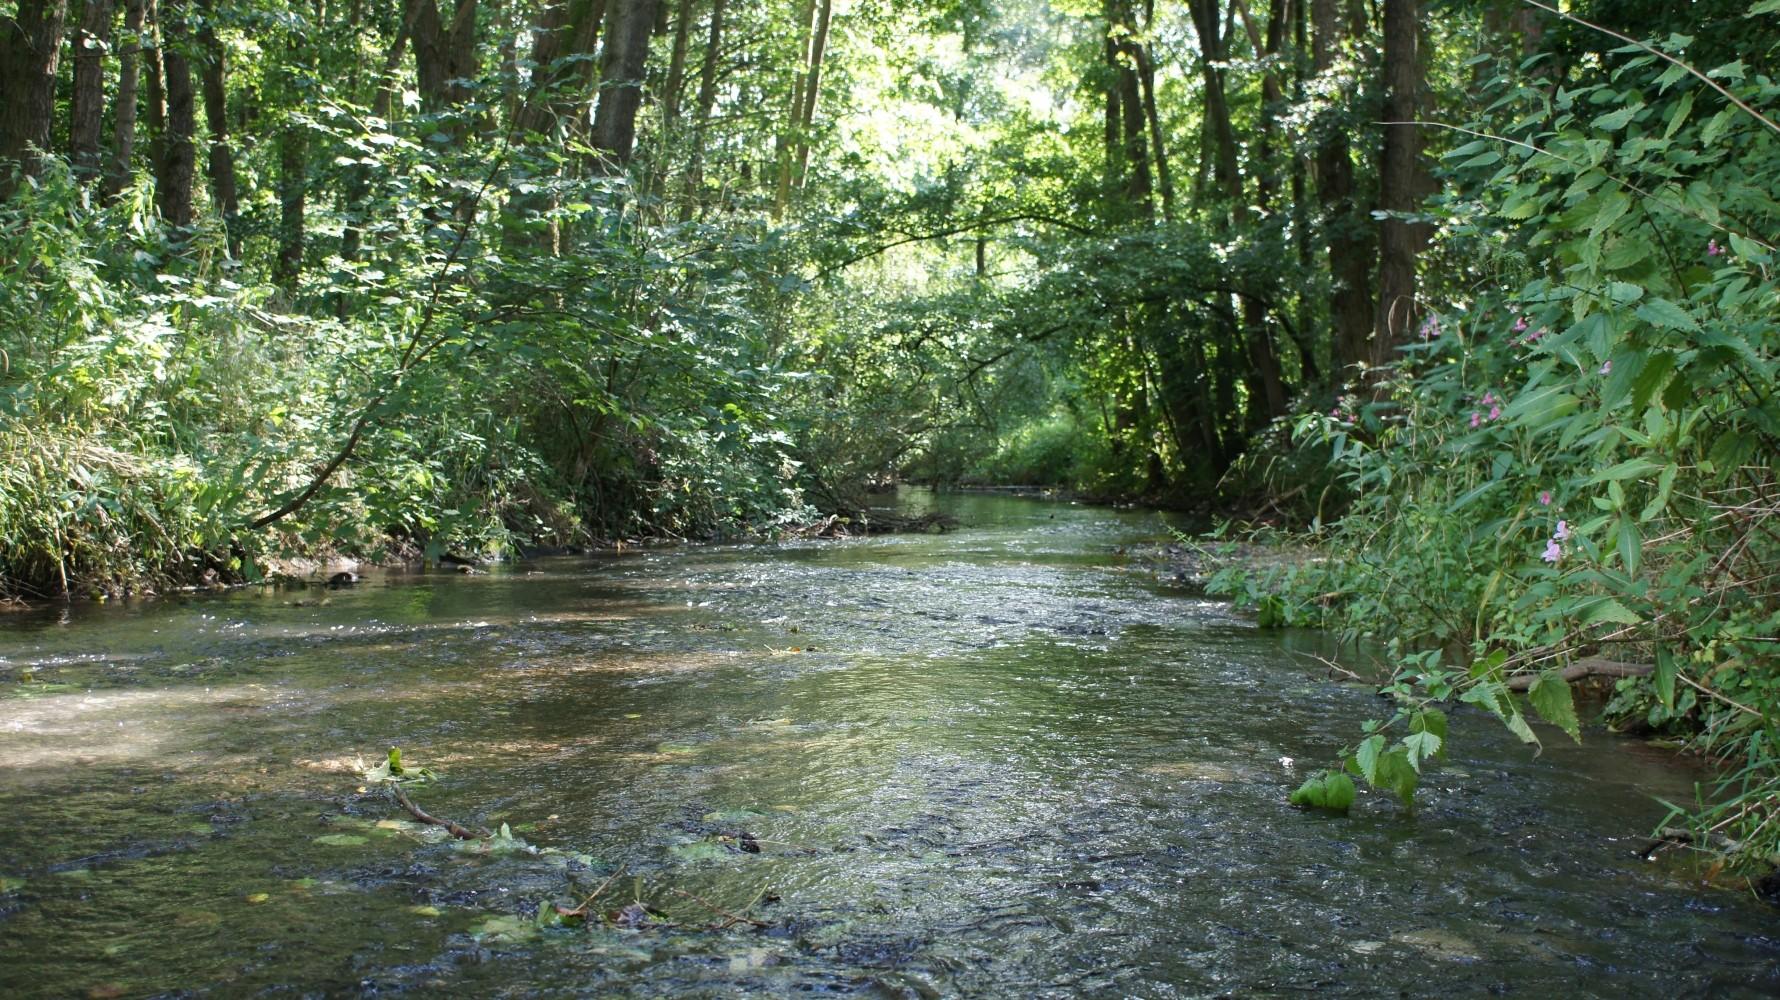 Naturnahe, schnellfließende Abschnitte der Gewässer sind Lebensraum der Wasseramsel / Foto: D.Singer